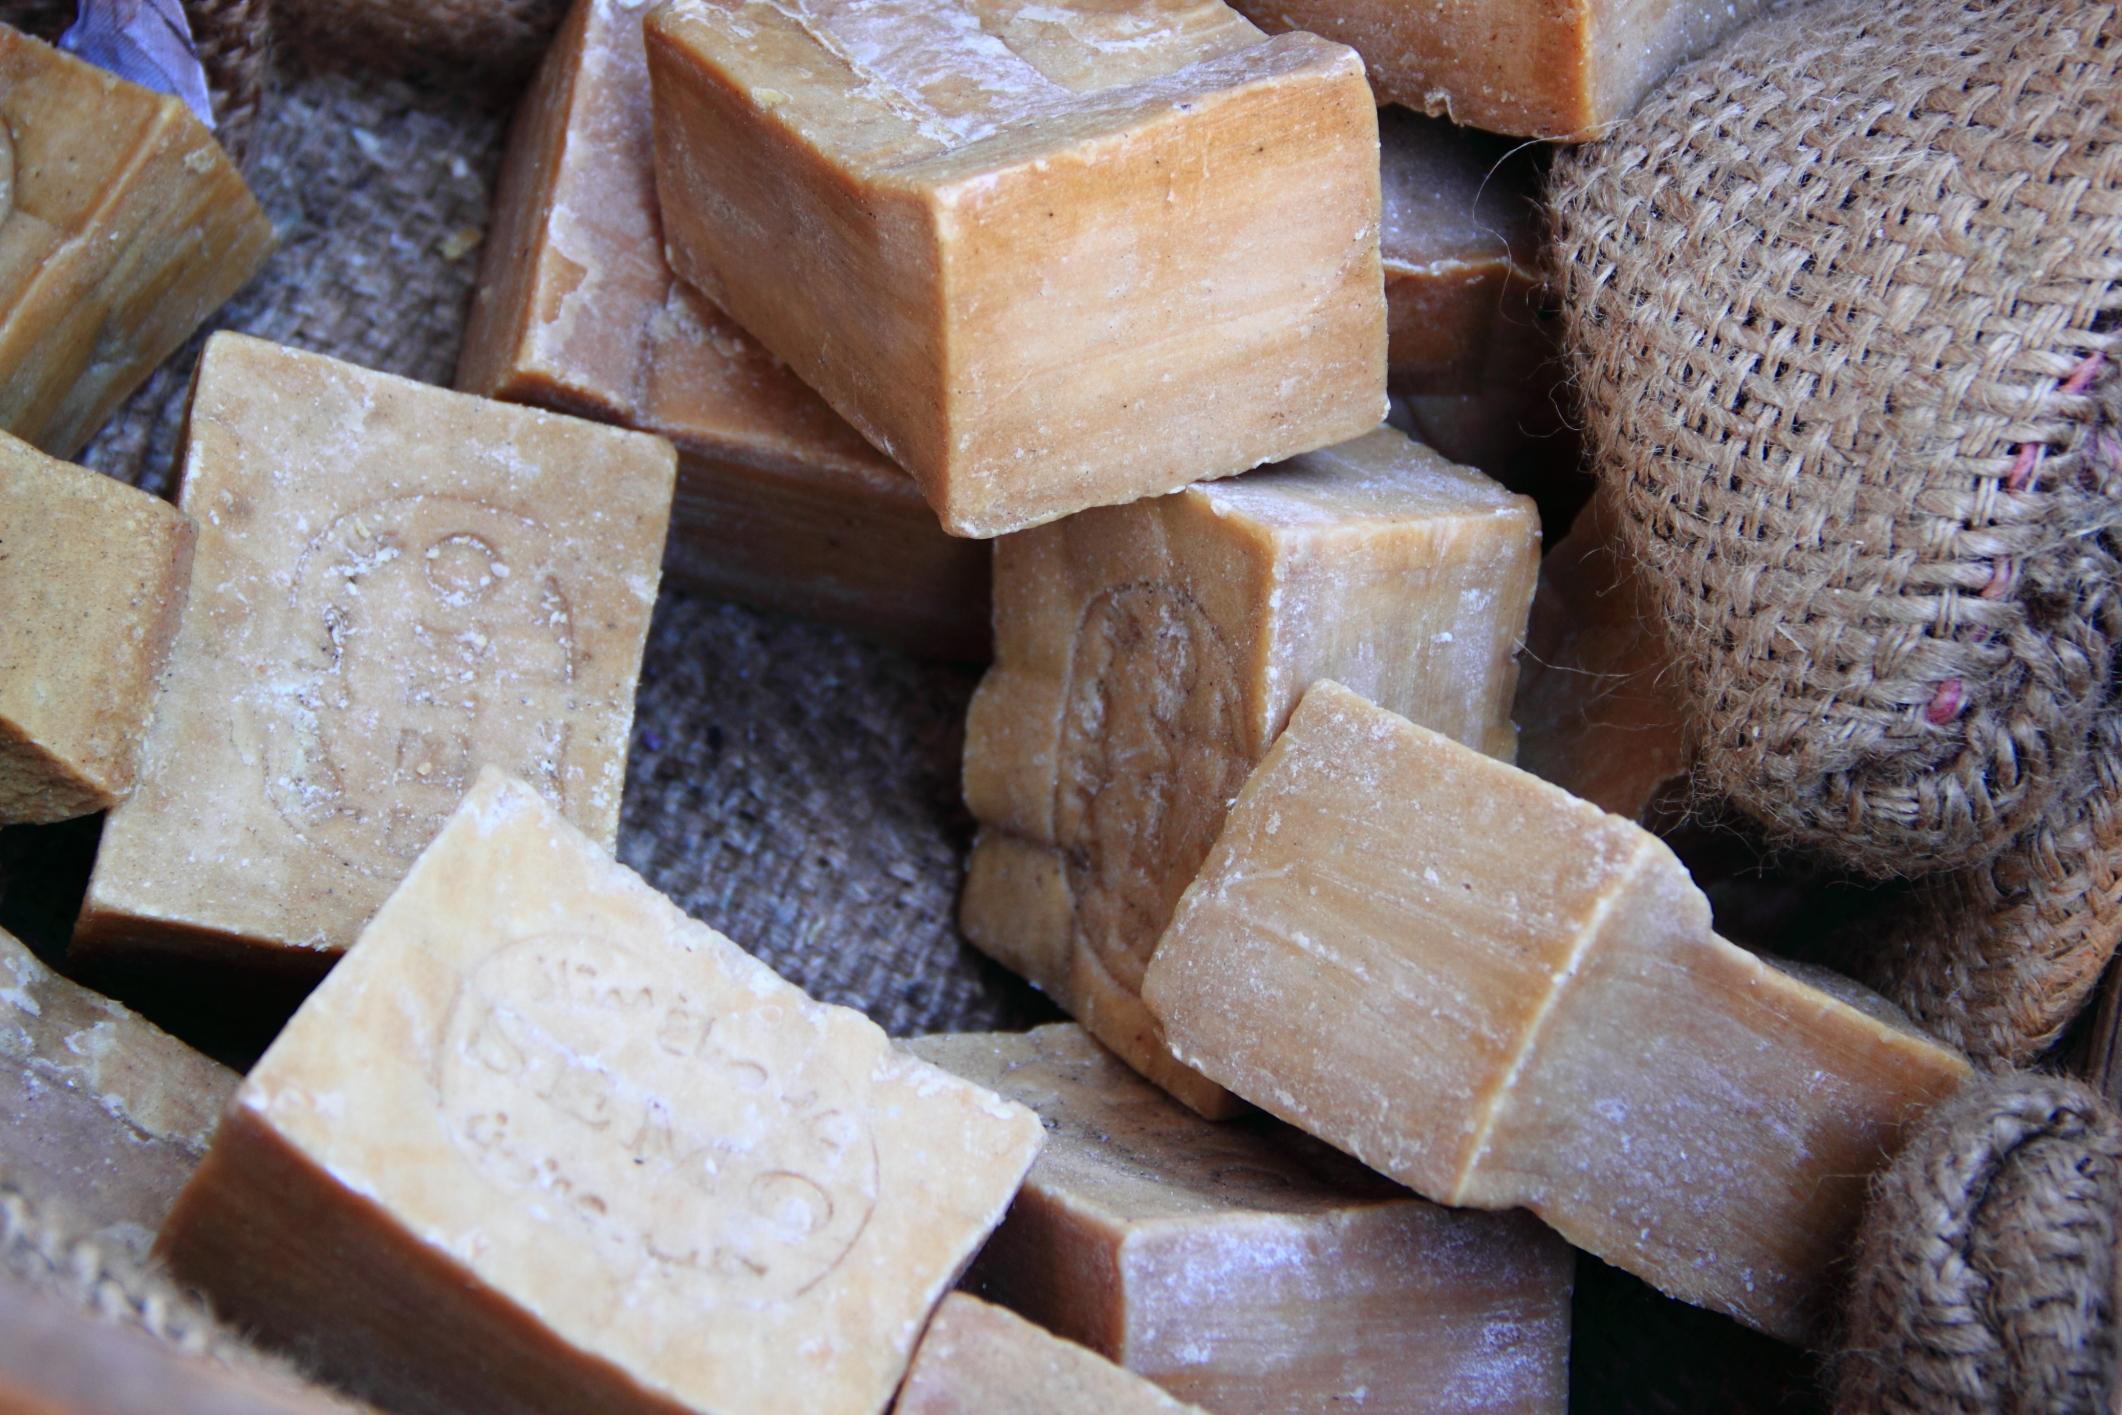 Sapone di marsiglia usi domestici e cosmetici di un rimedio economico e totalmente green - Sapone neutro per pulizie casa ...